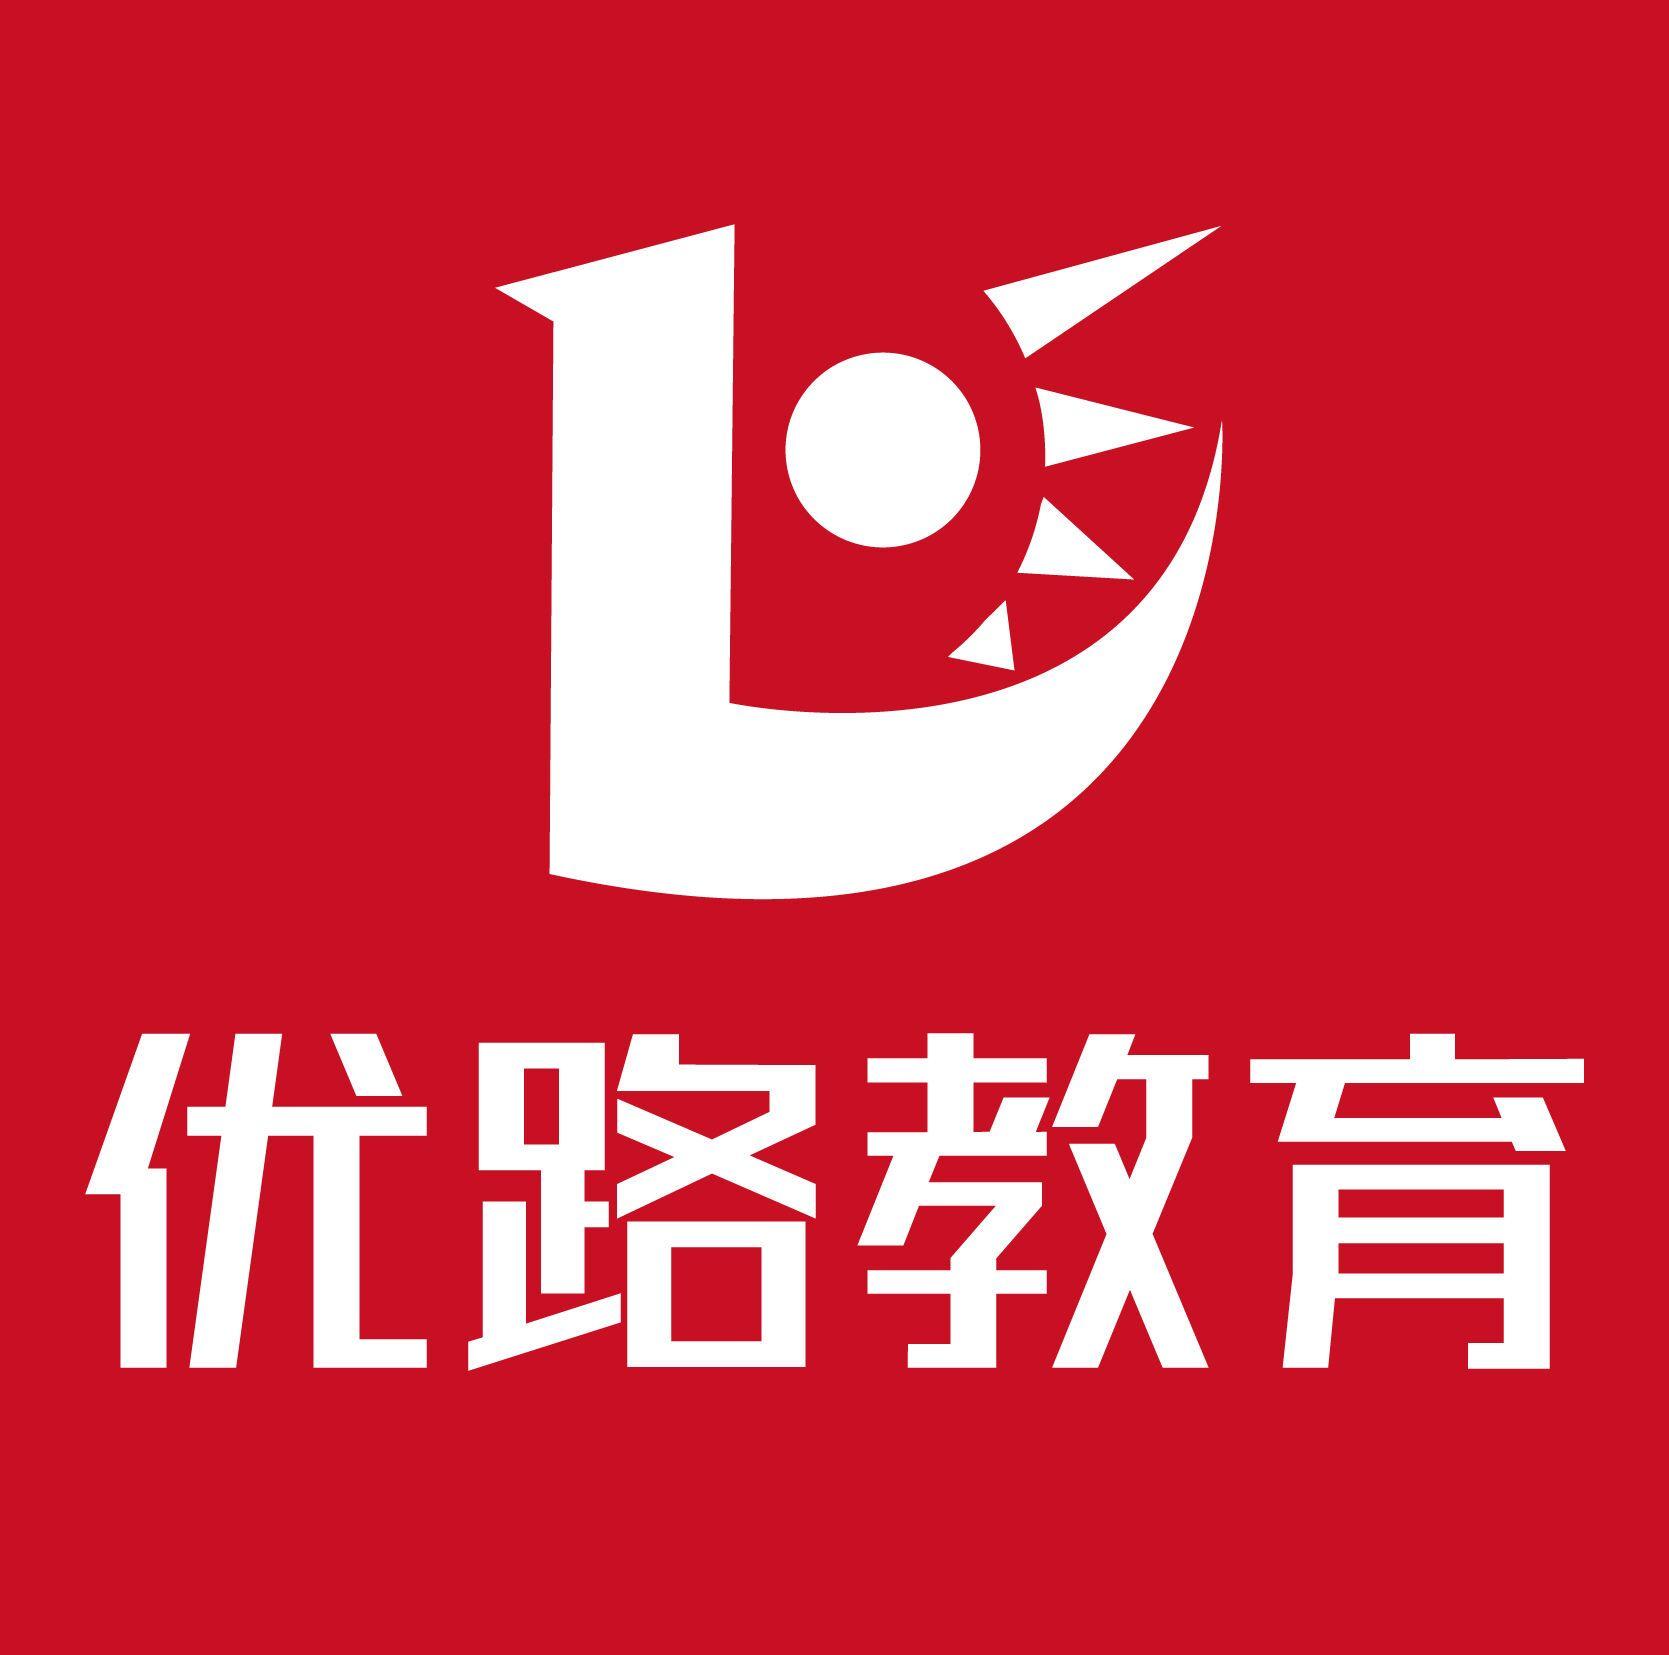 桂林优路消防工程师培训机构